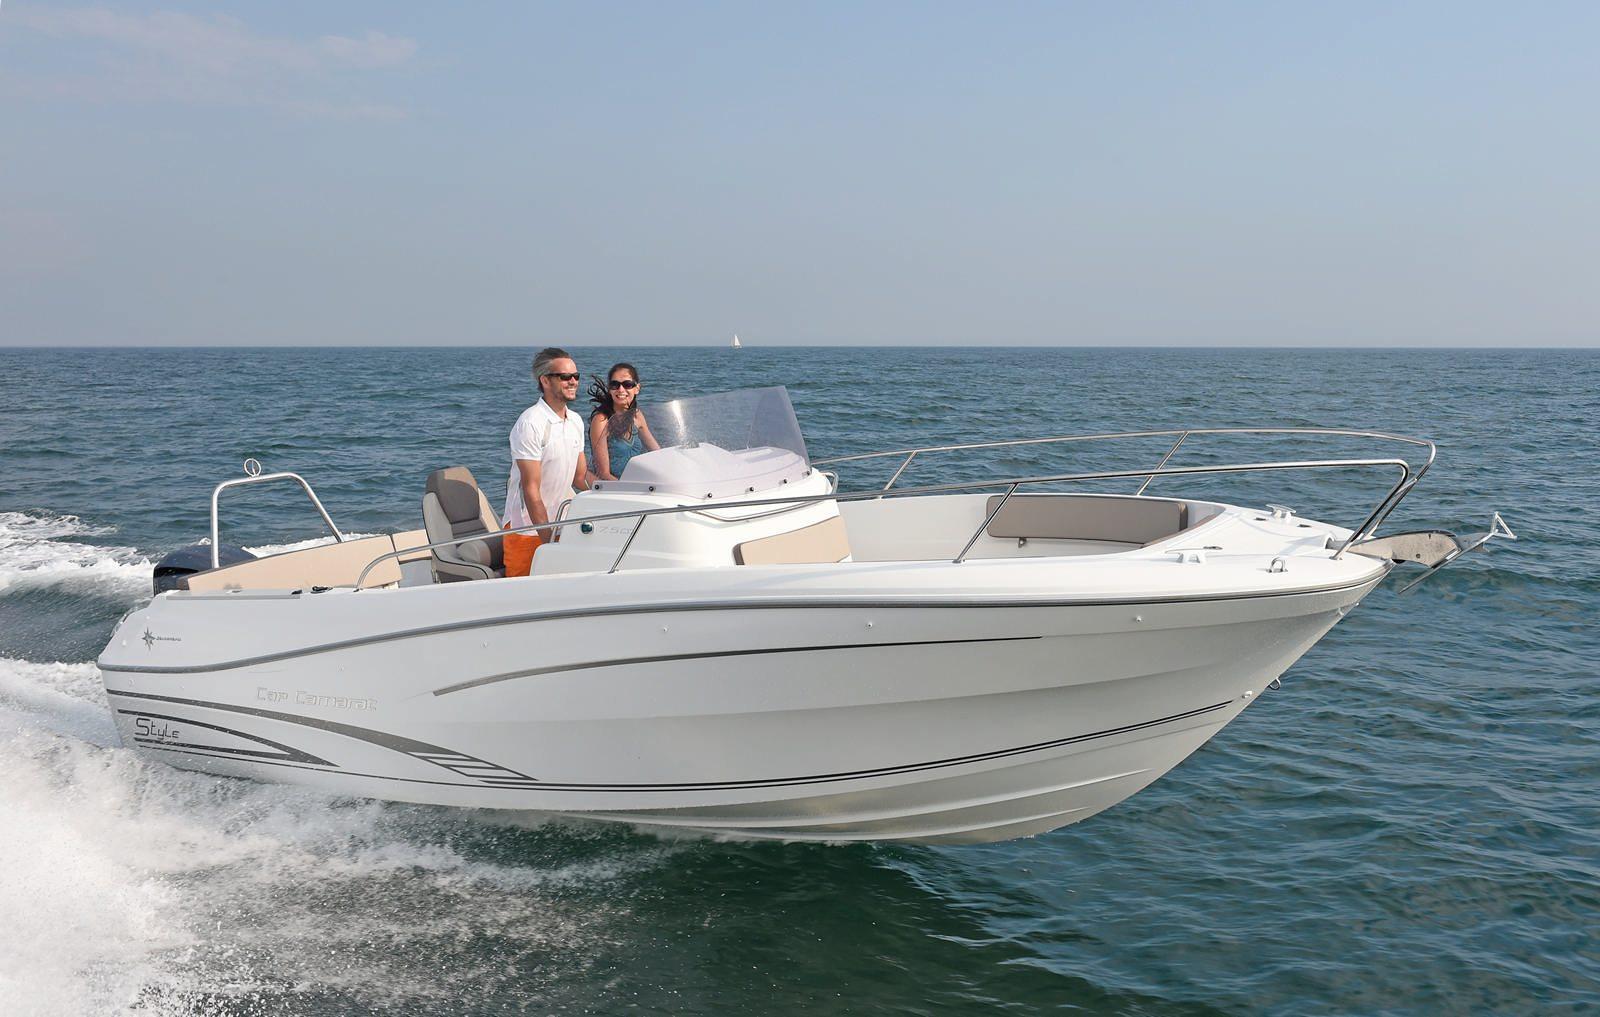 סירת מנוע JEANNEAU CAP CAMARAT 7.5CC - סירת מנוע JEANNEAU CAP CAMARAT 7.5CC - סטרים יאכטות